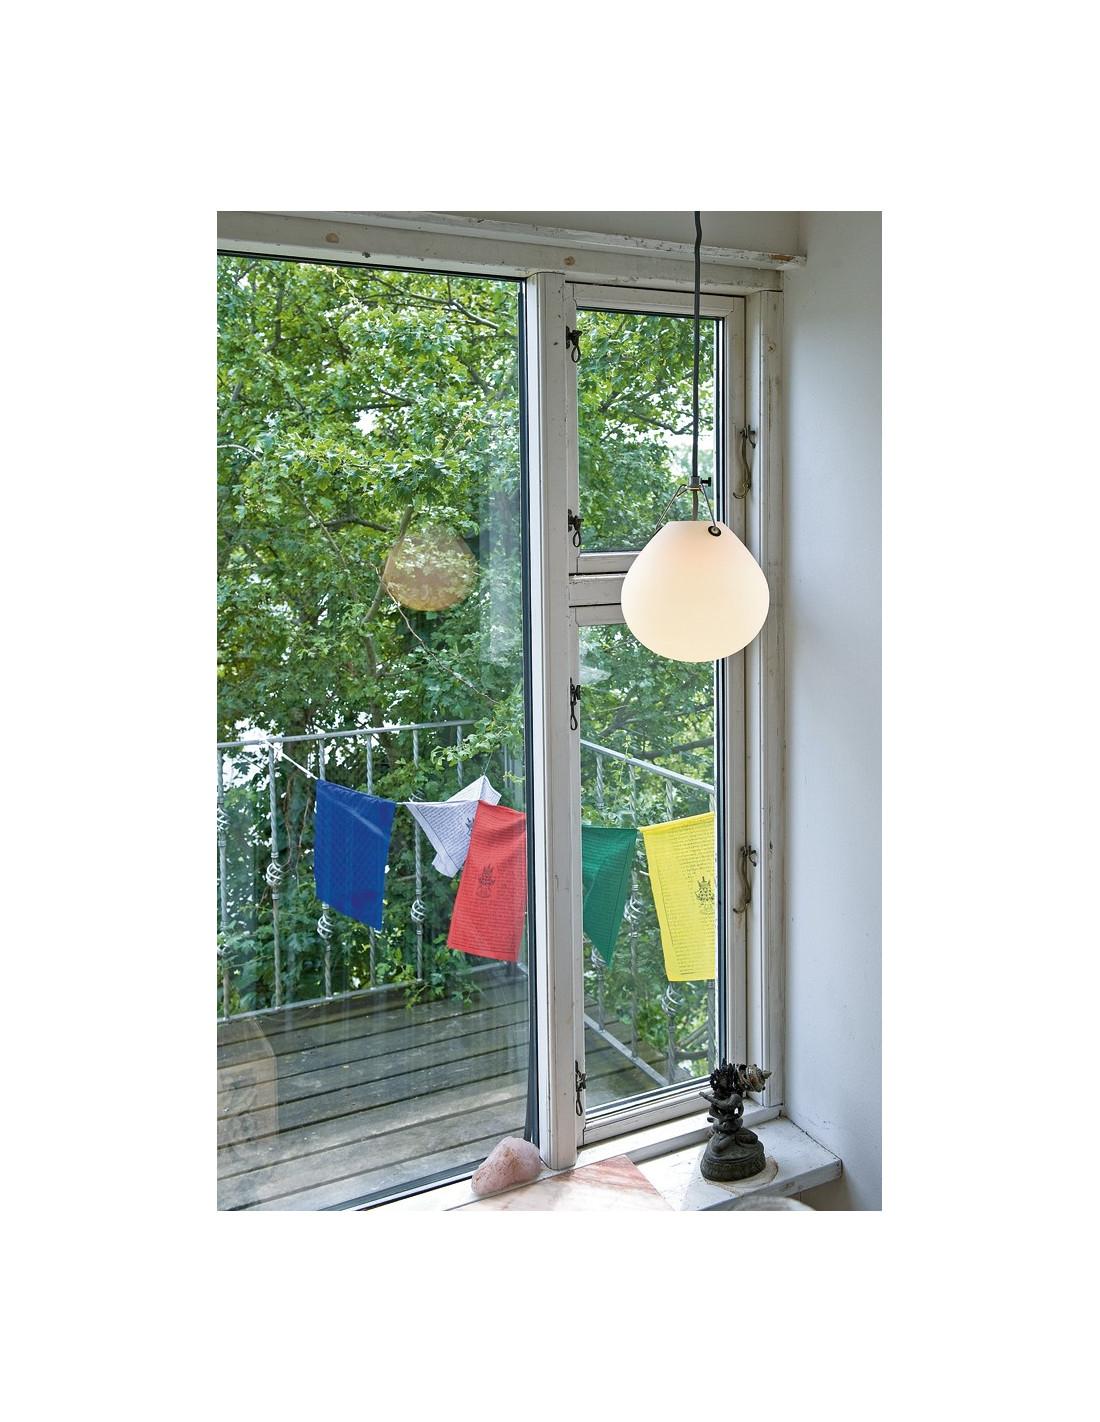 Moser Pendant Anu Moser Design For Louis Poulsen La